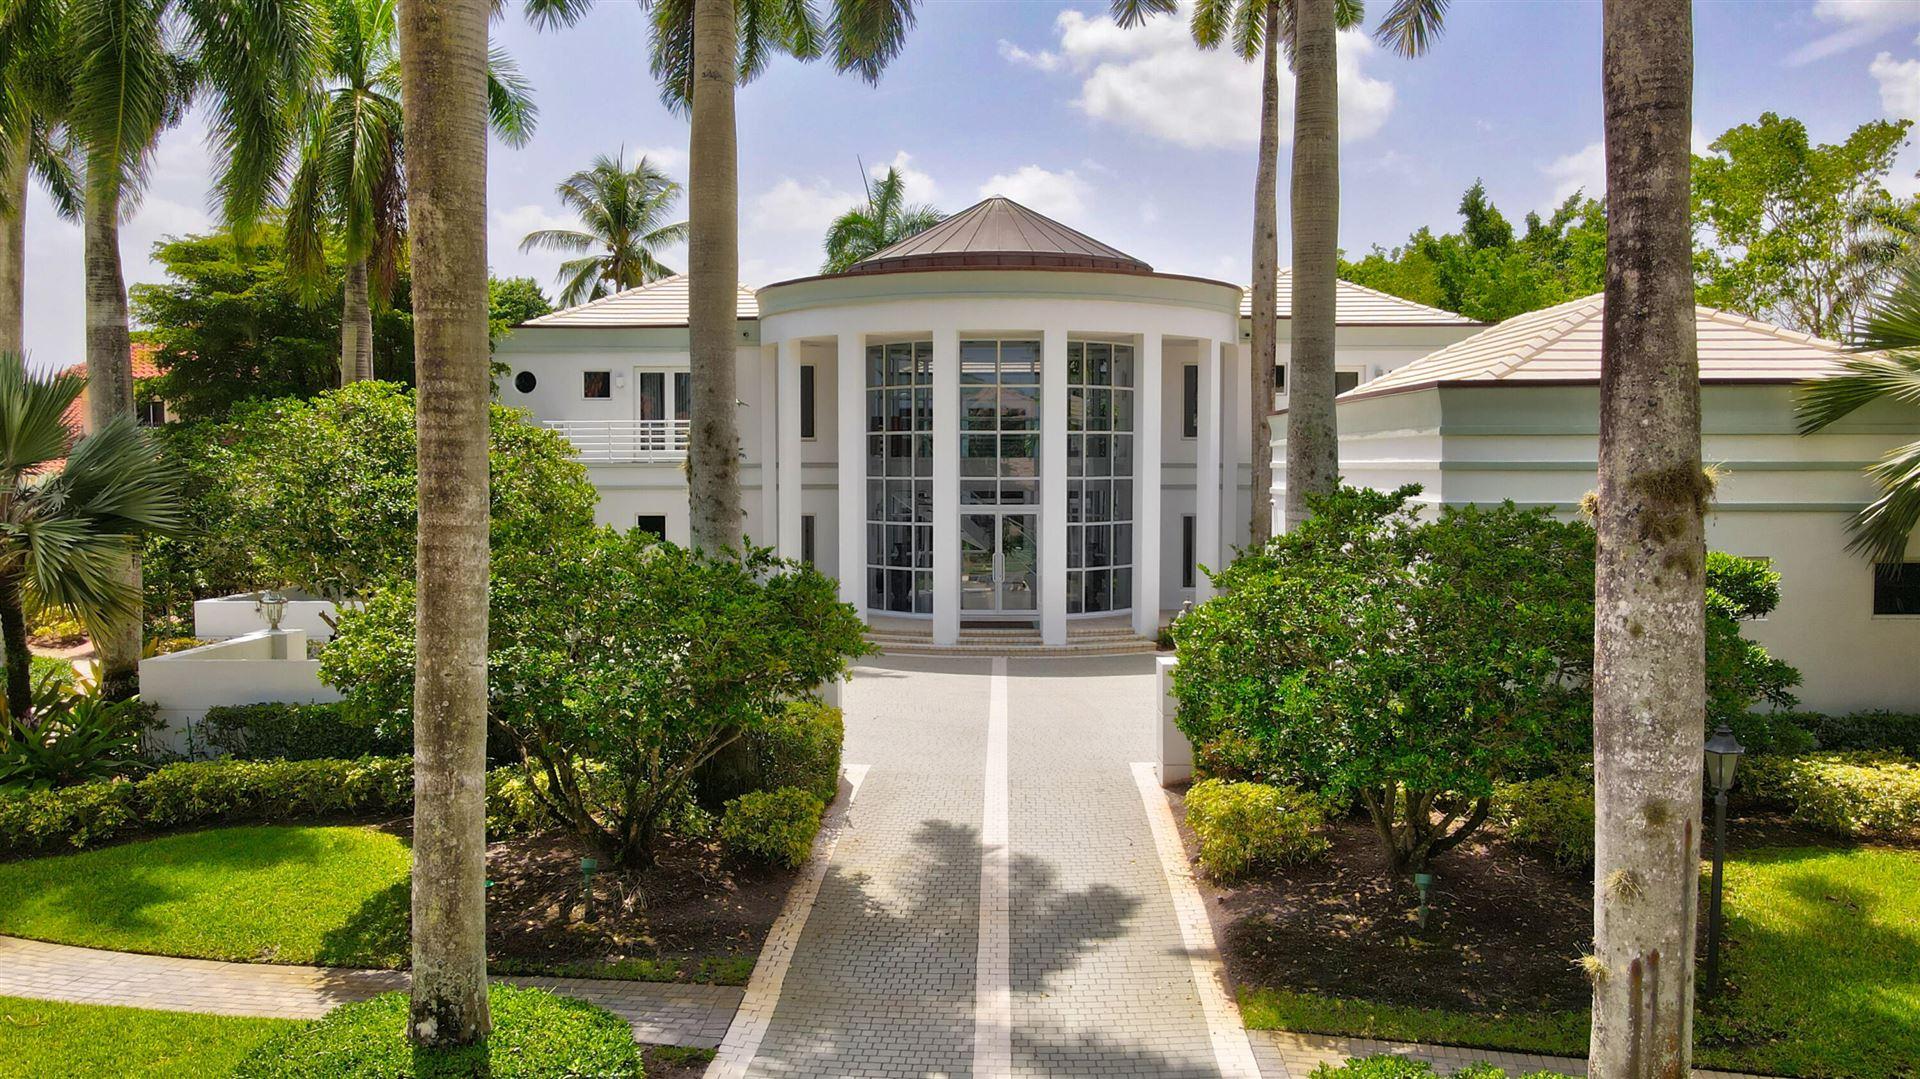 17556 Lake Estates Drive, Boca Raton, FL 33496 - MLS#: RX-10743153